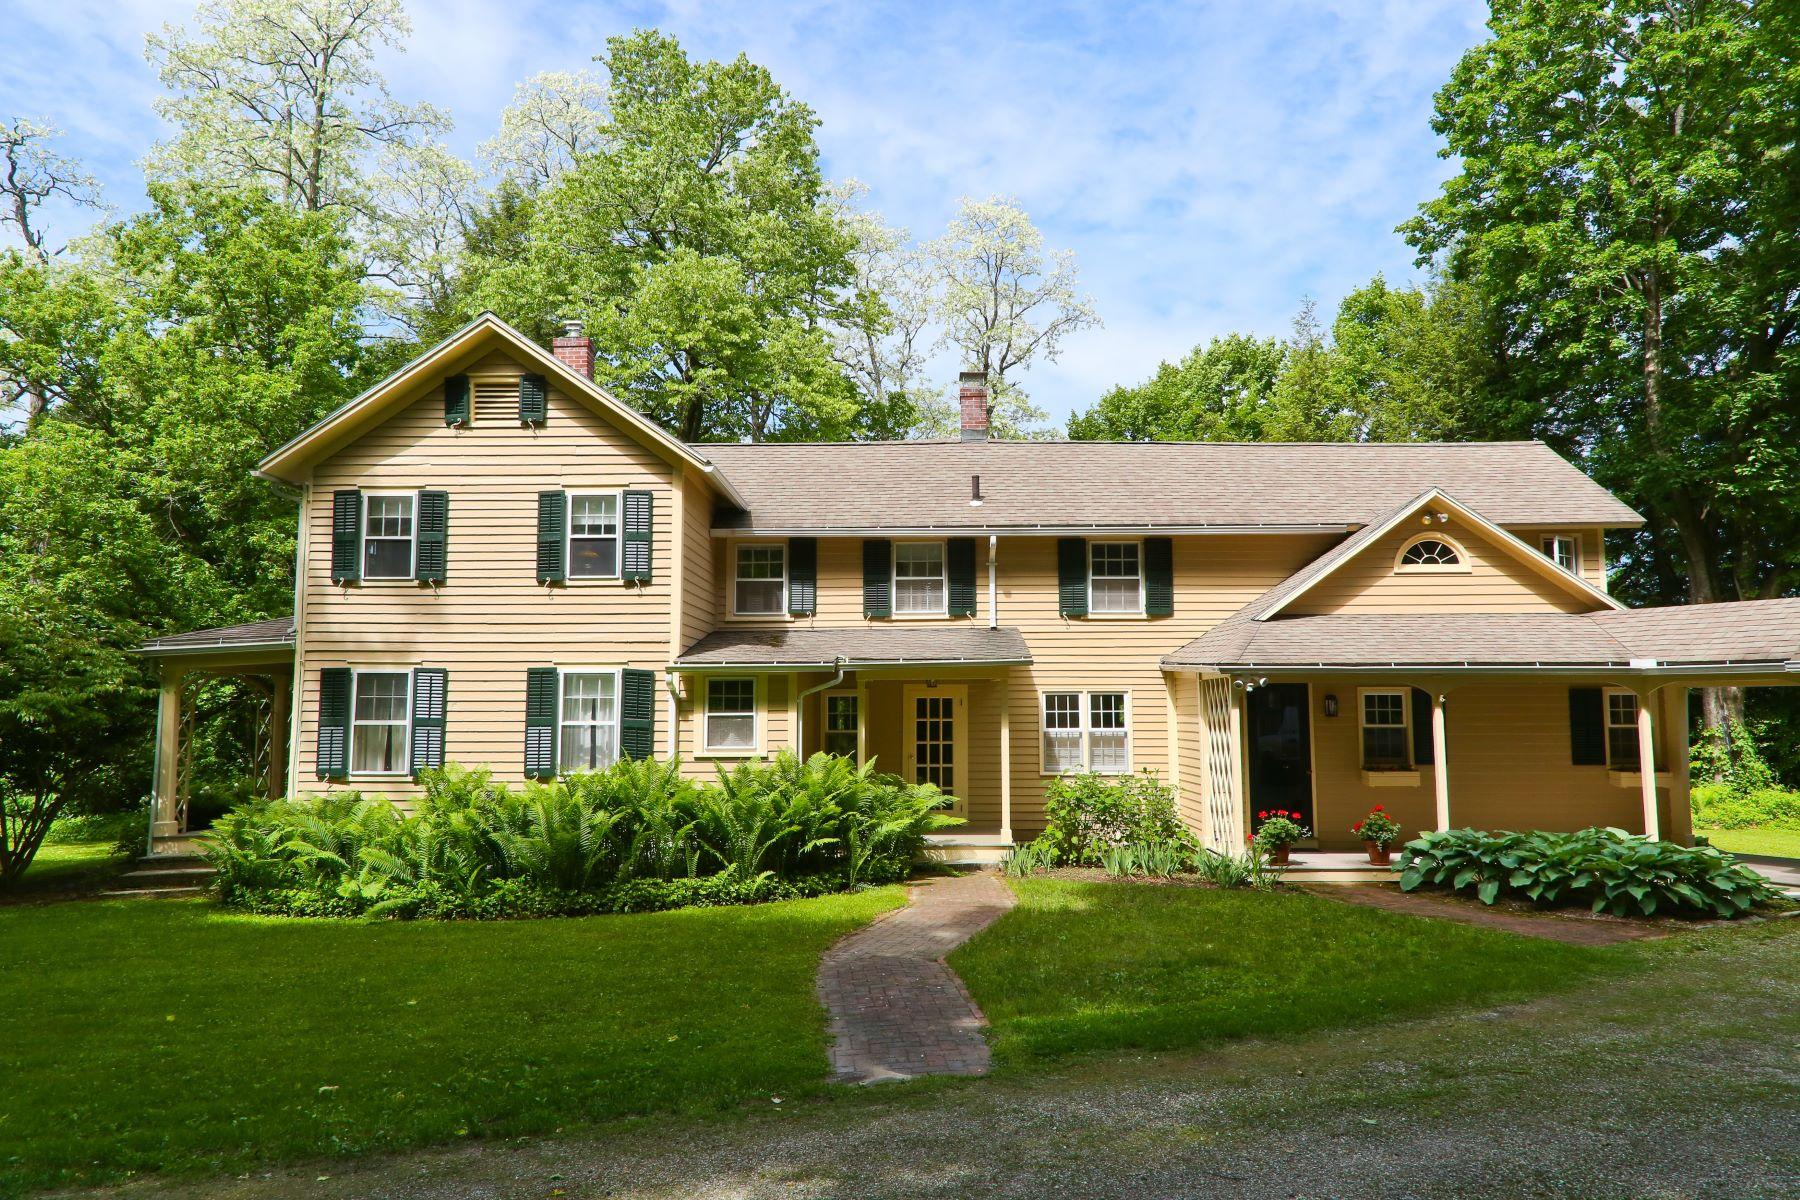 Single Family Home for Active at Golfer's Paradise 1 Main St Stockbridge, Massachusetts 01262 United States